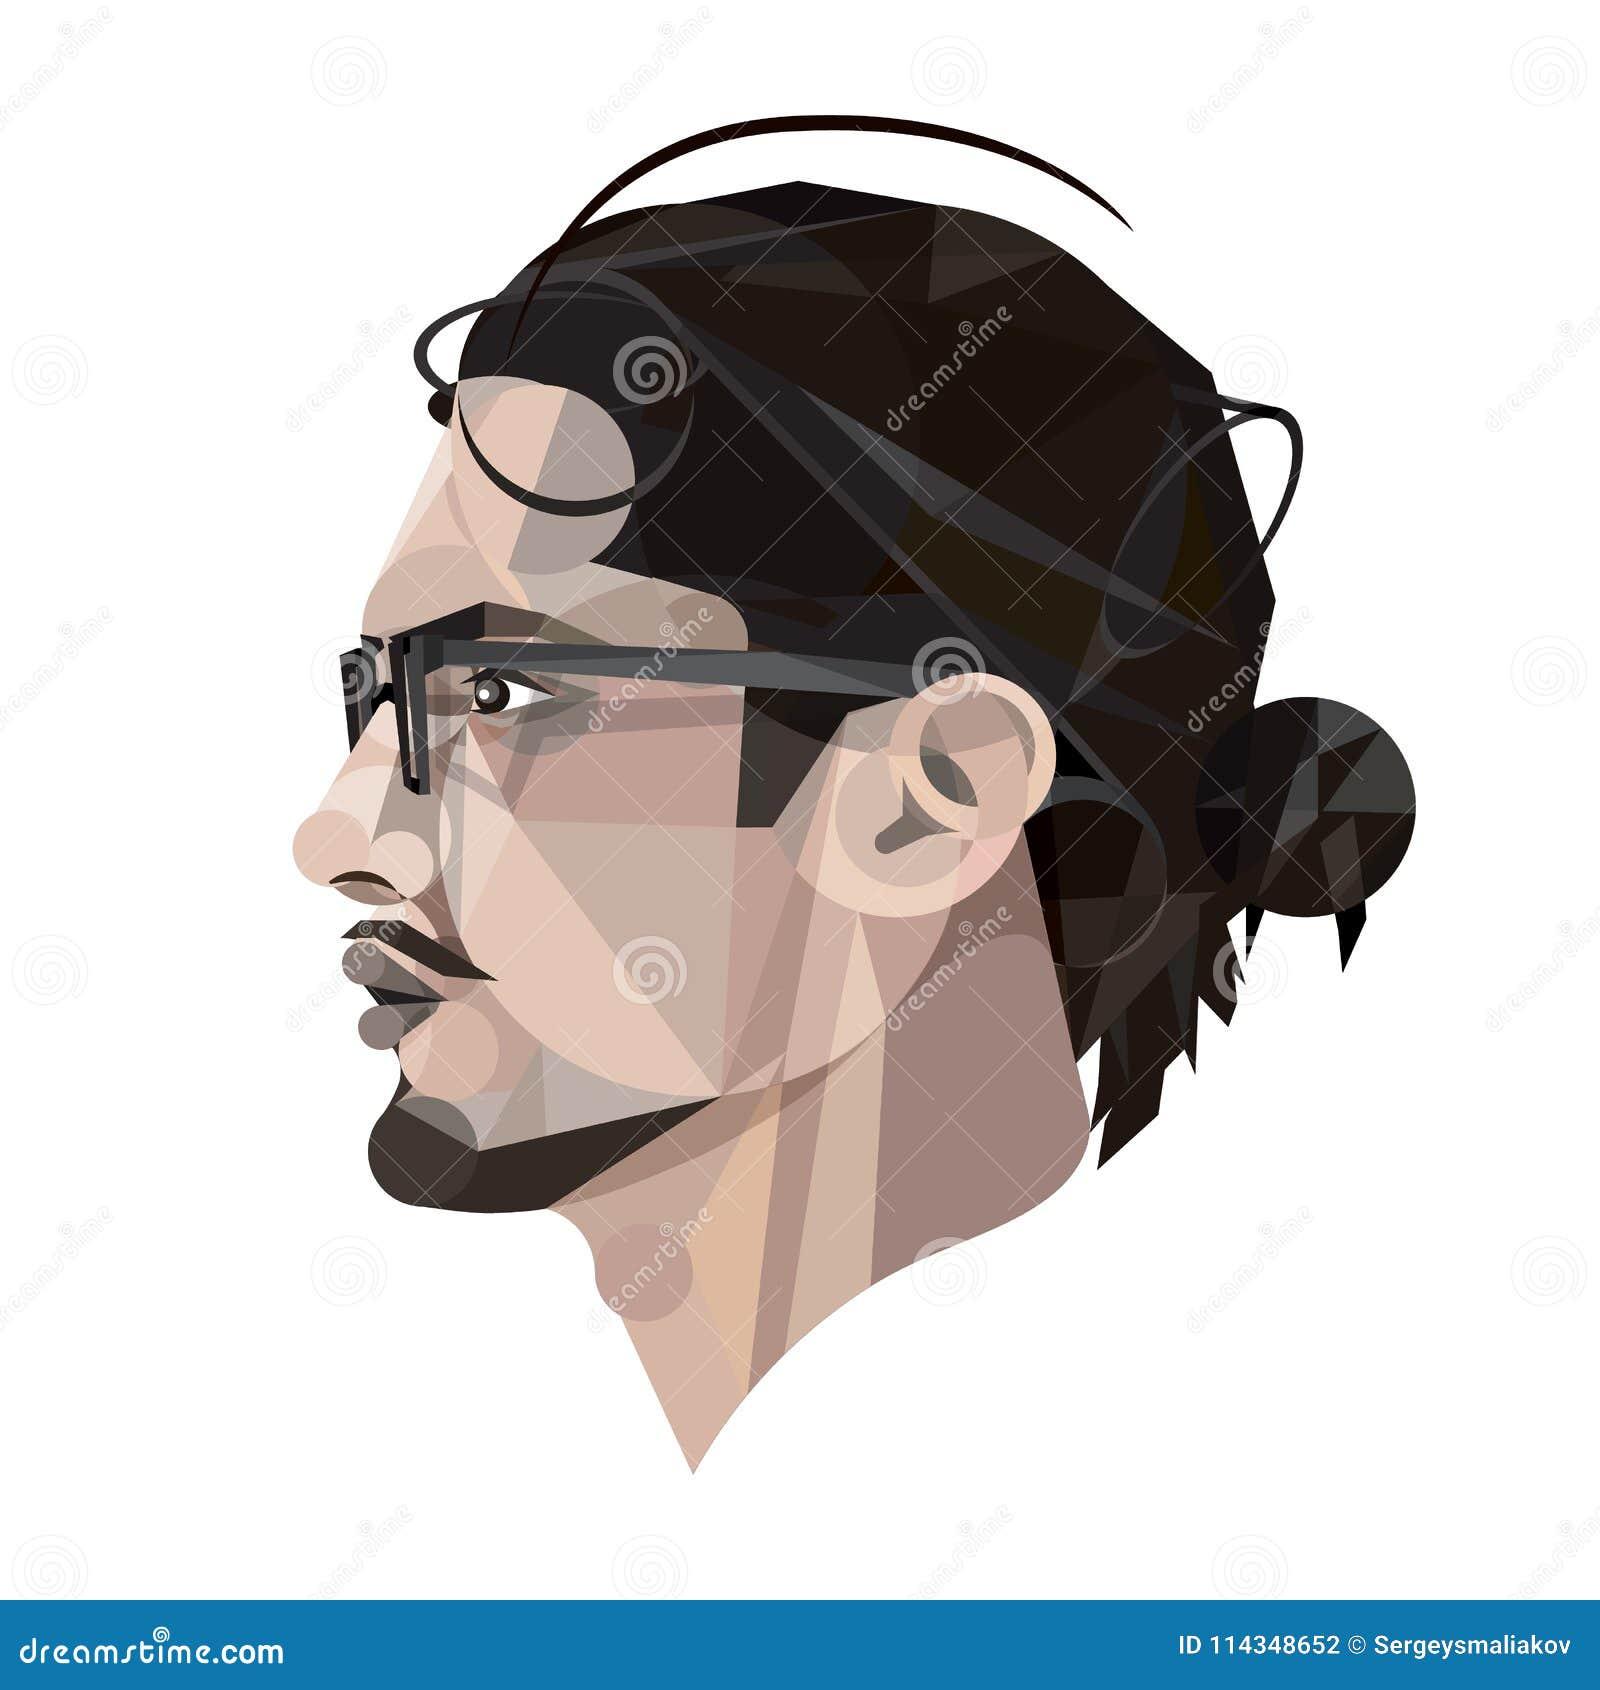 Πρόσωπο του ατόμου δεδομένου ότι το έμβλημα μπορεί ζωηρόχρωμες απεικονίσεις να σας χρησιμοποιήσει